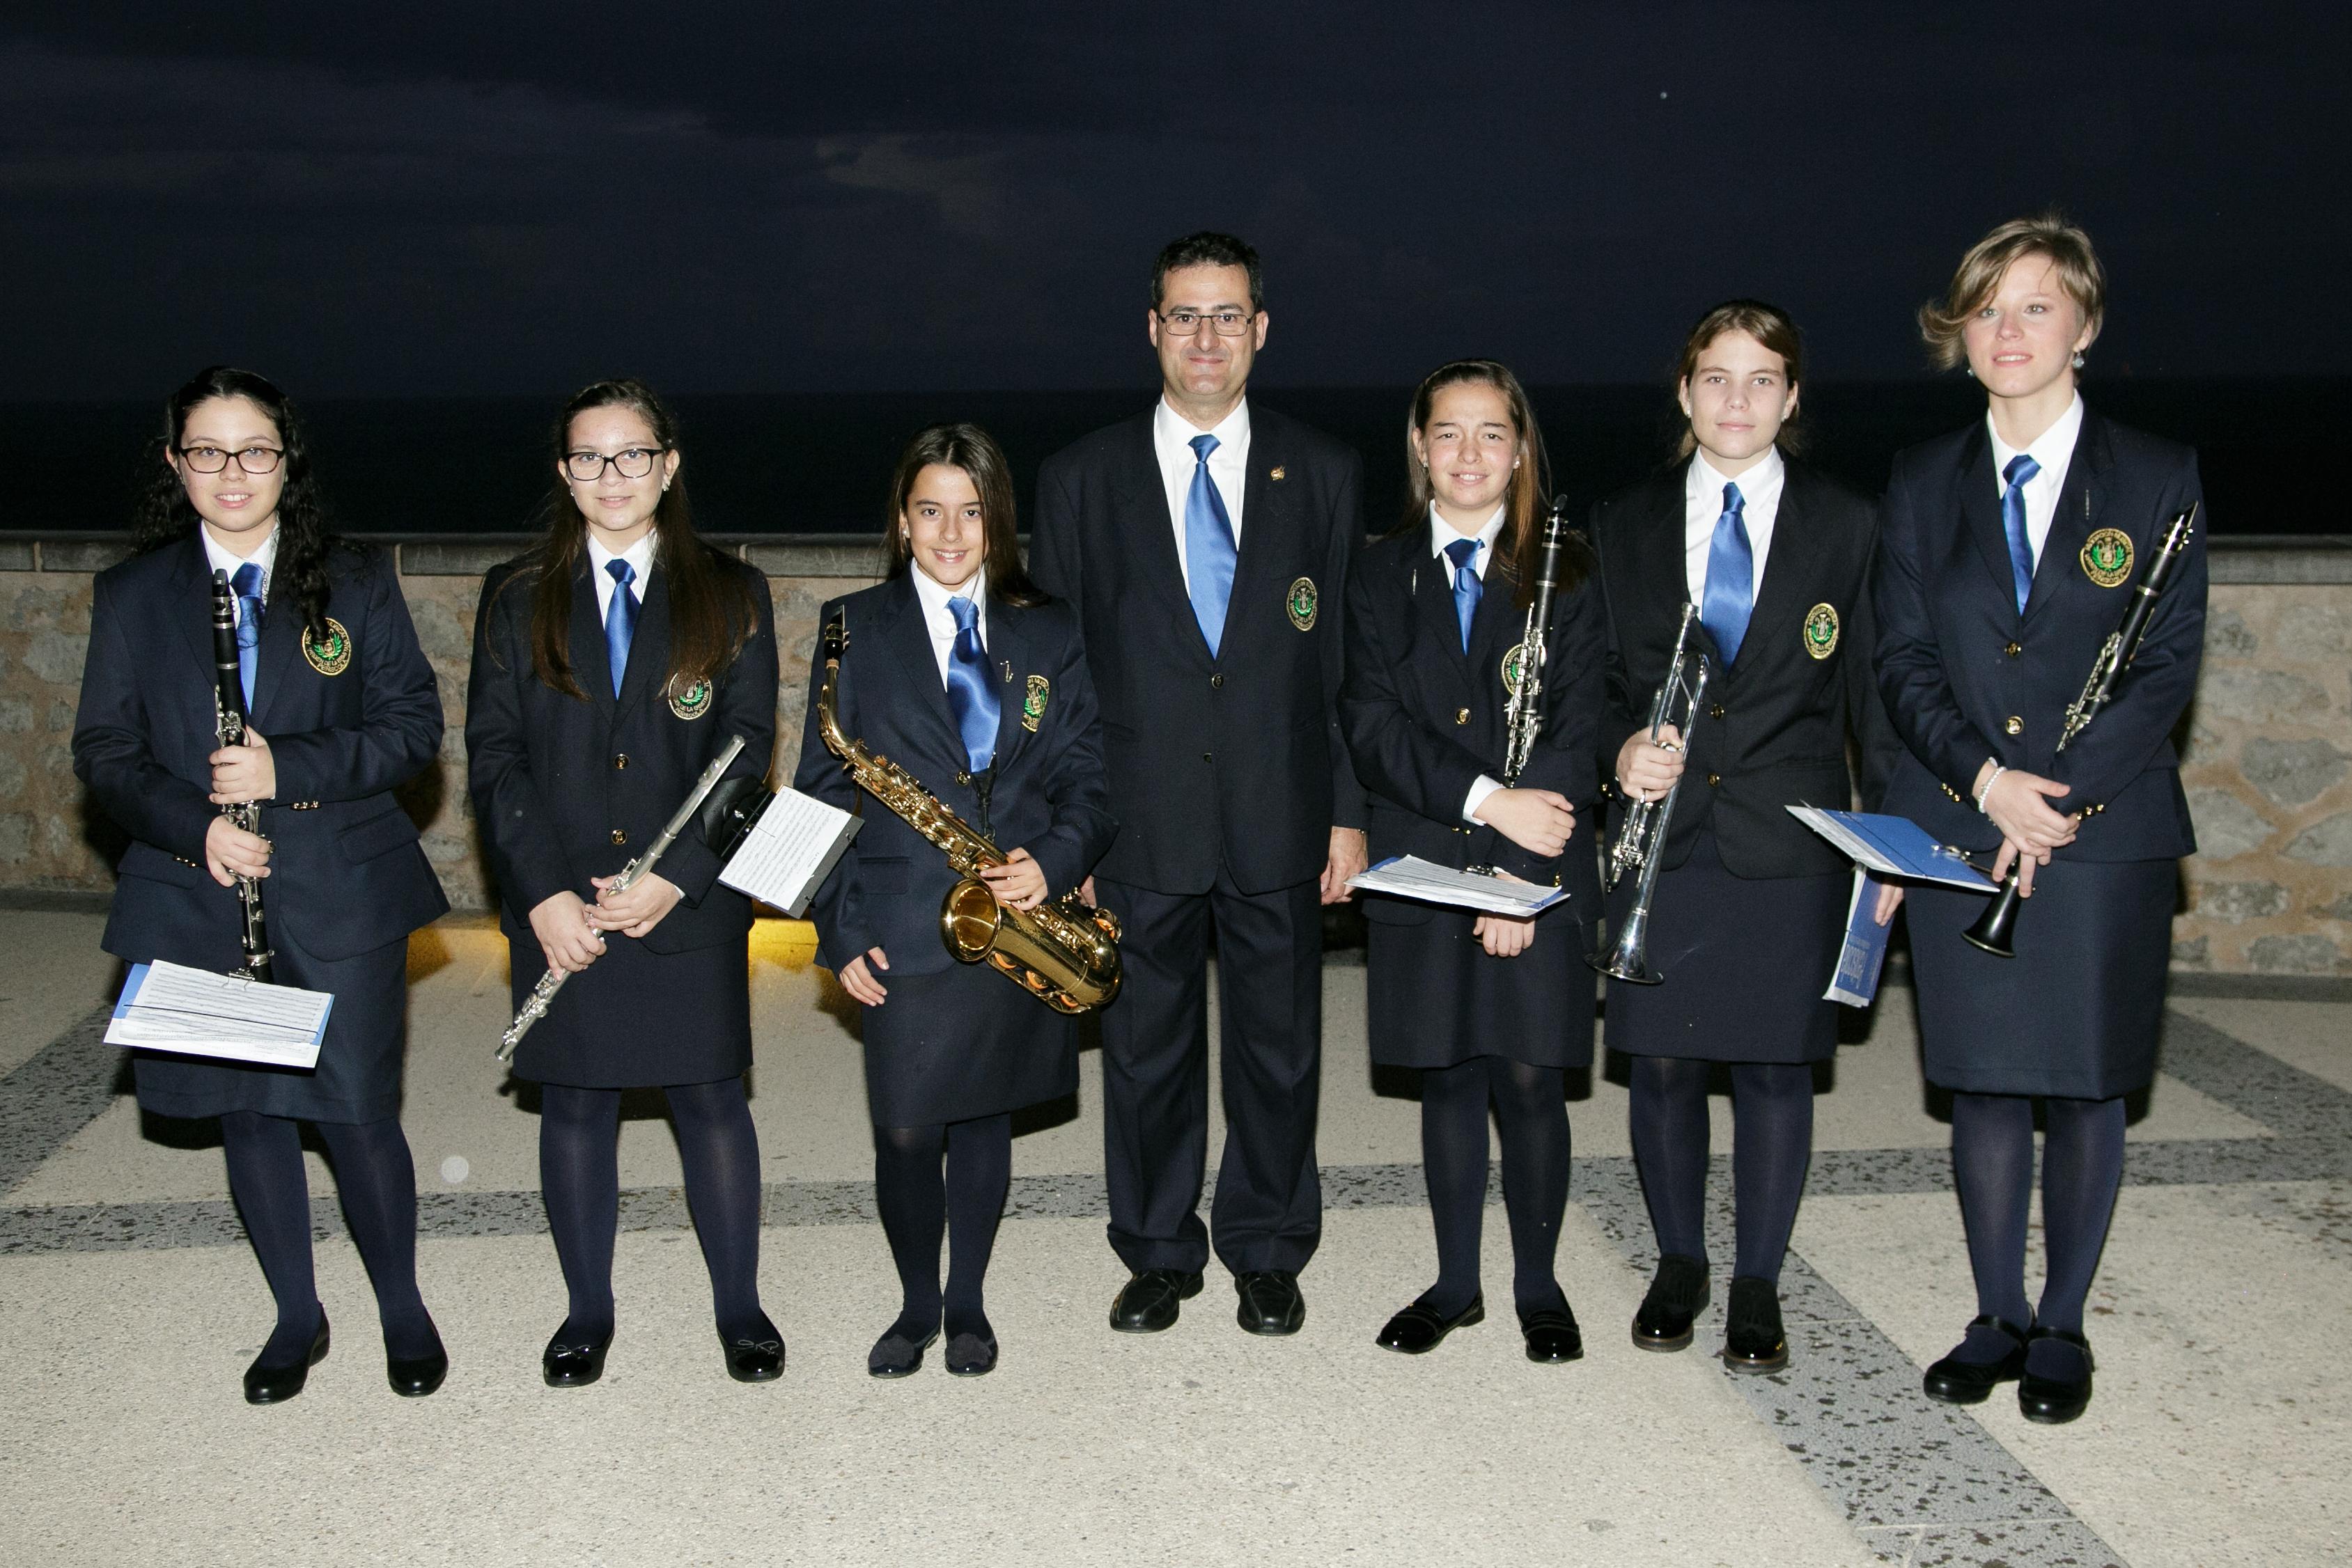 Peníscola, l'Associació Musical dona la benvinguda als nous integrants de la banda